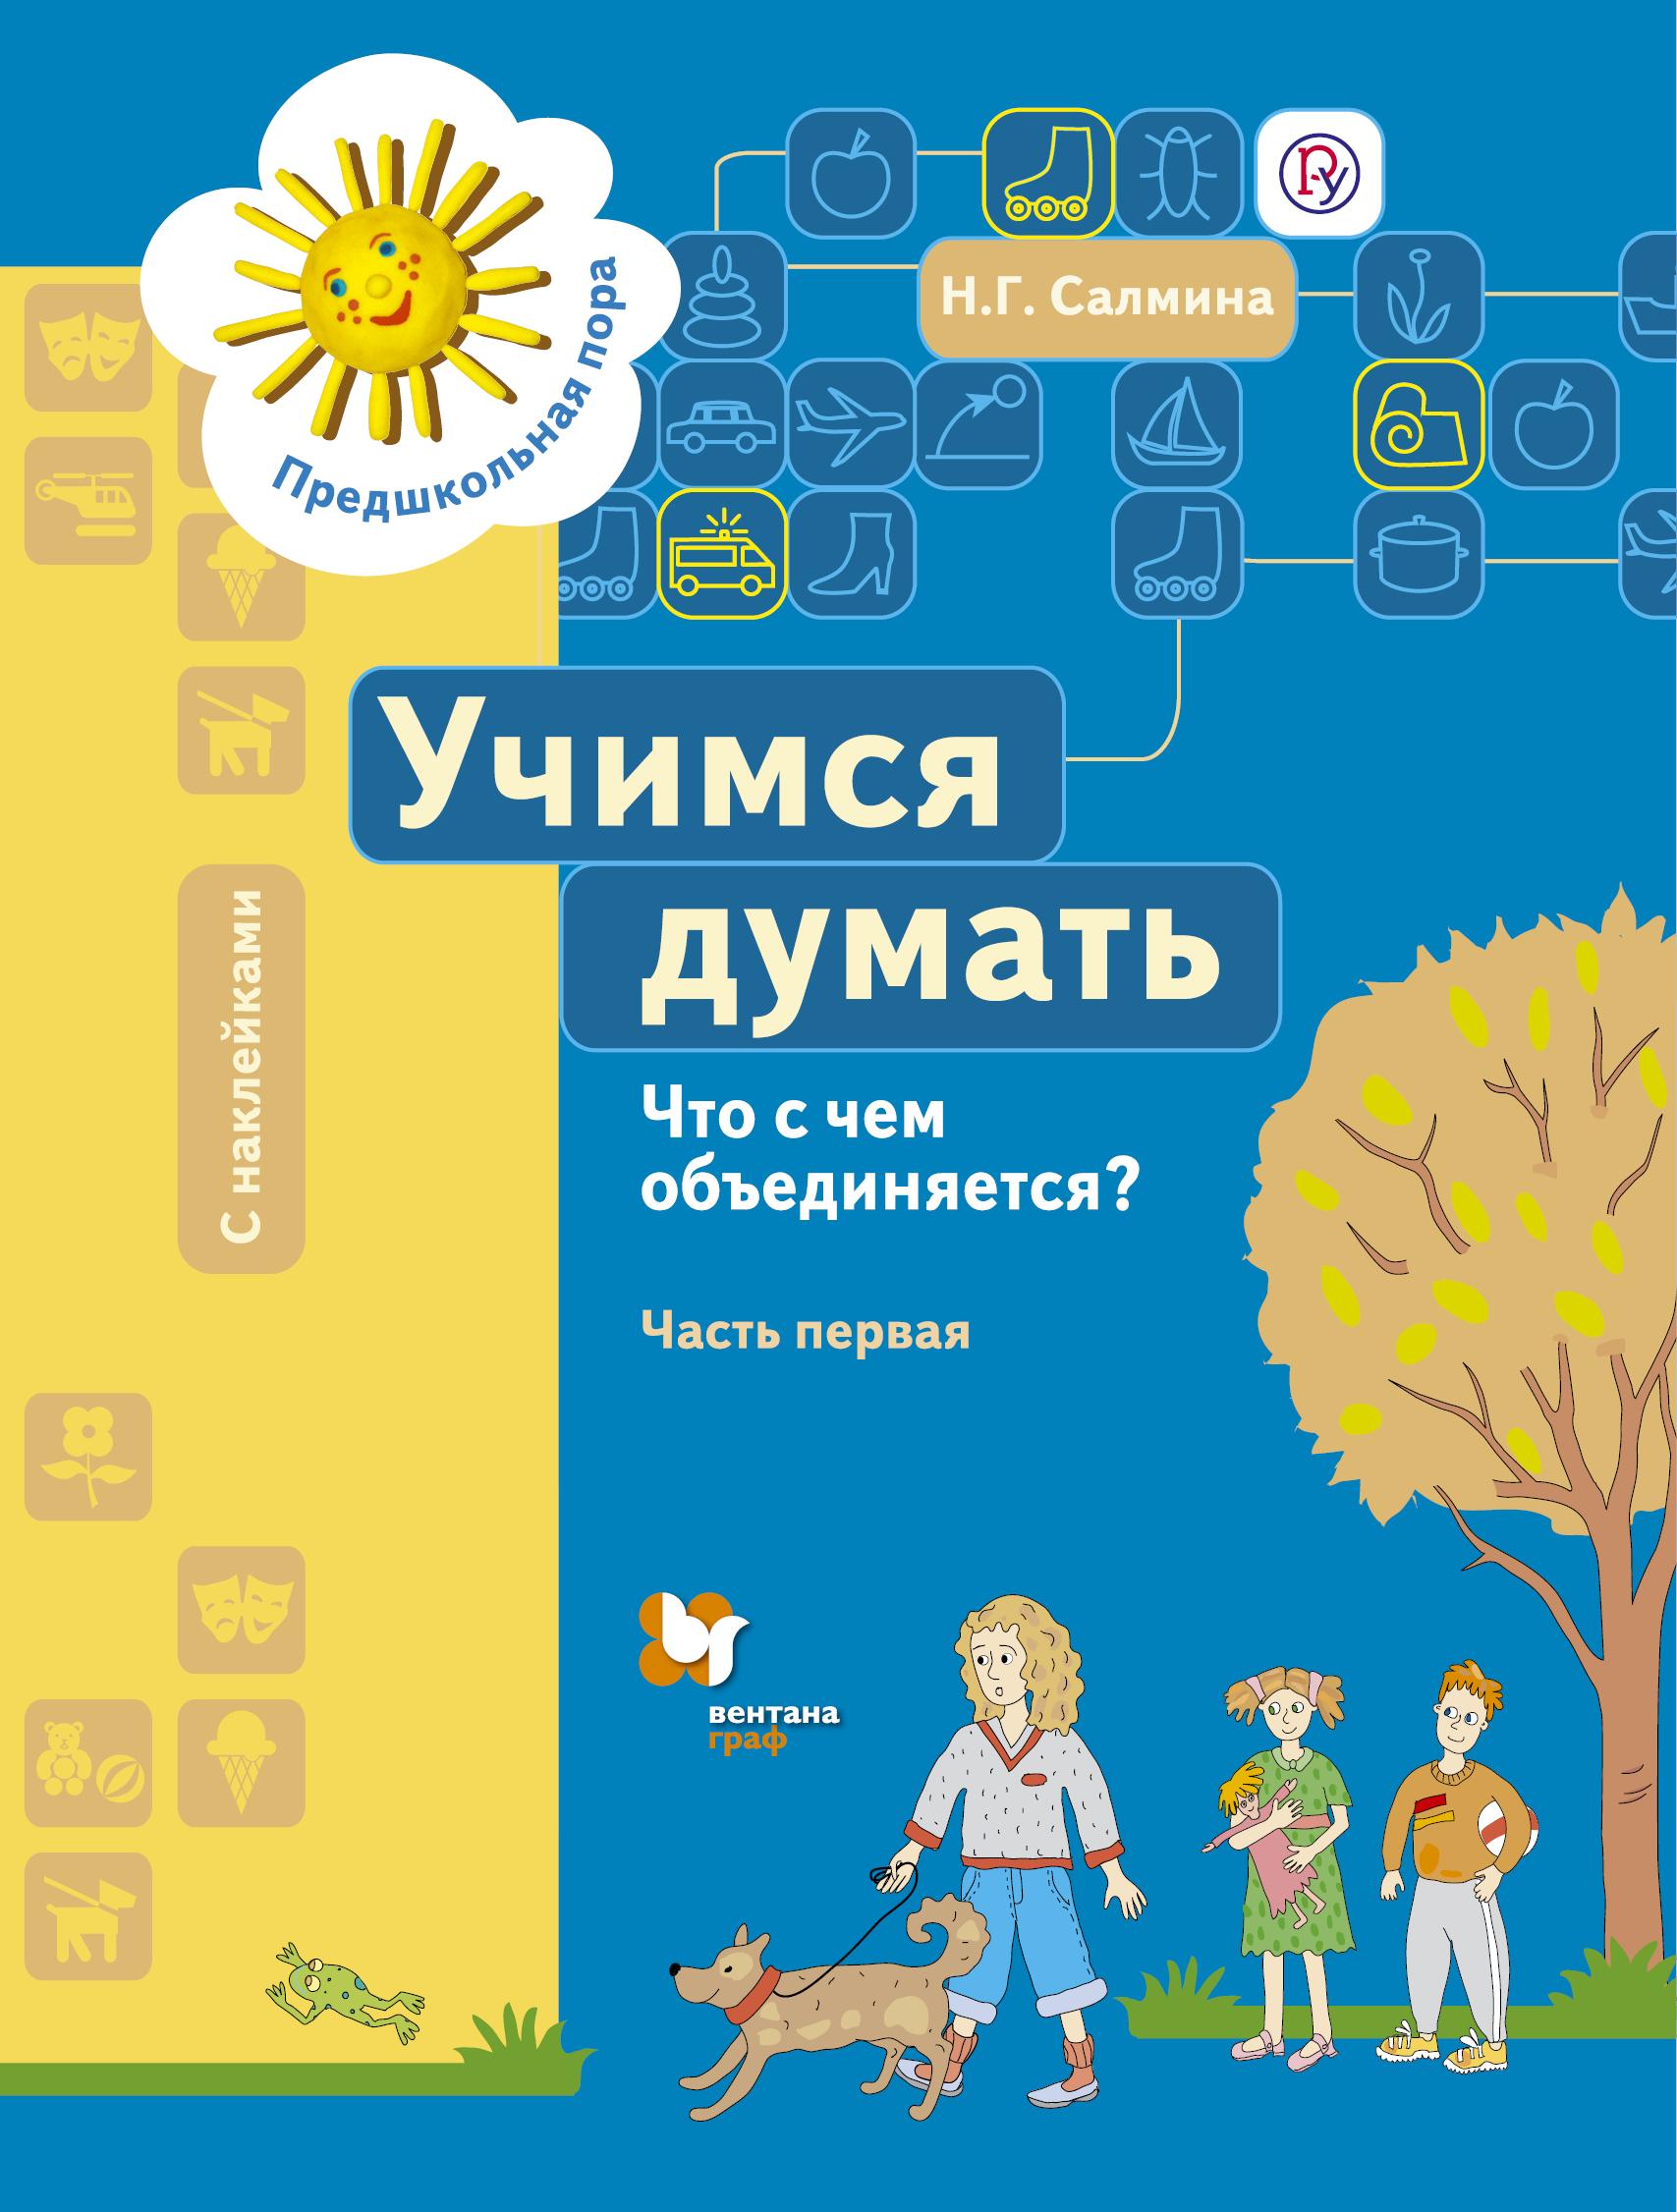 Учимся думать. Что с чем объединяется? Пособие для детей старшего дошкольного возраста. В 2 частях. Часть 1